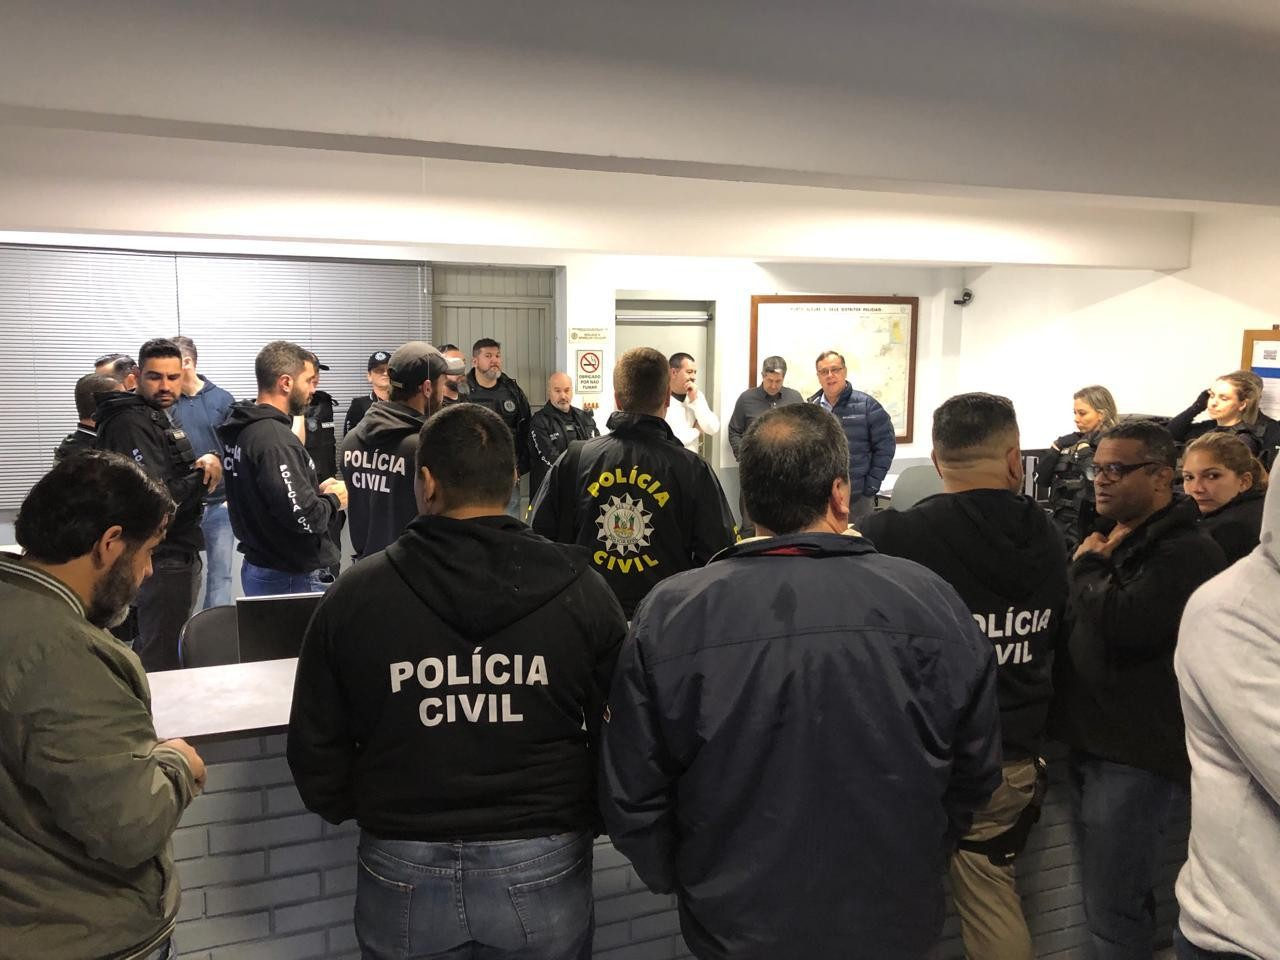 Polícia faz operação contra esquema de tele-entrega de drogas em Porto Alegre - Notícias - Plantão Diário